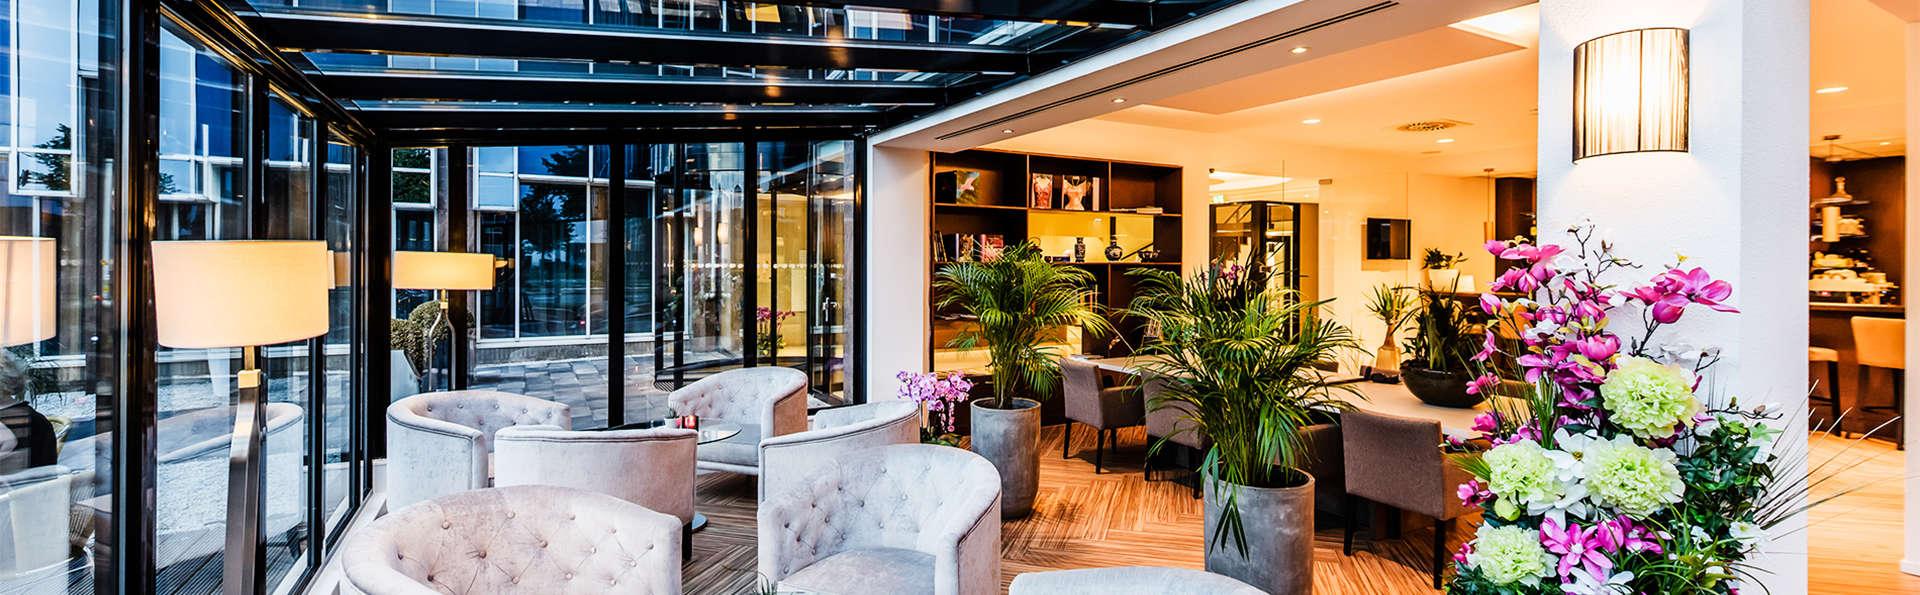 Escapada a un fantástico hotel de lujo en el corazón de una ciudad de cuento: Ámsterdam